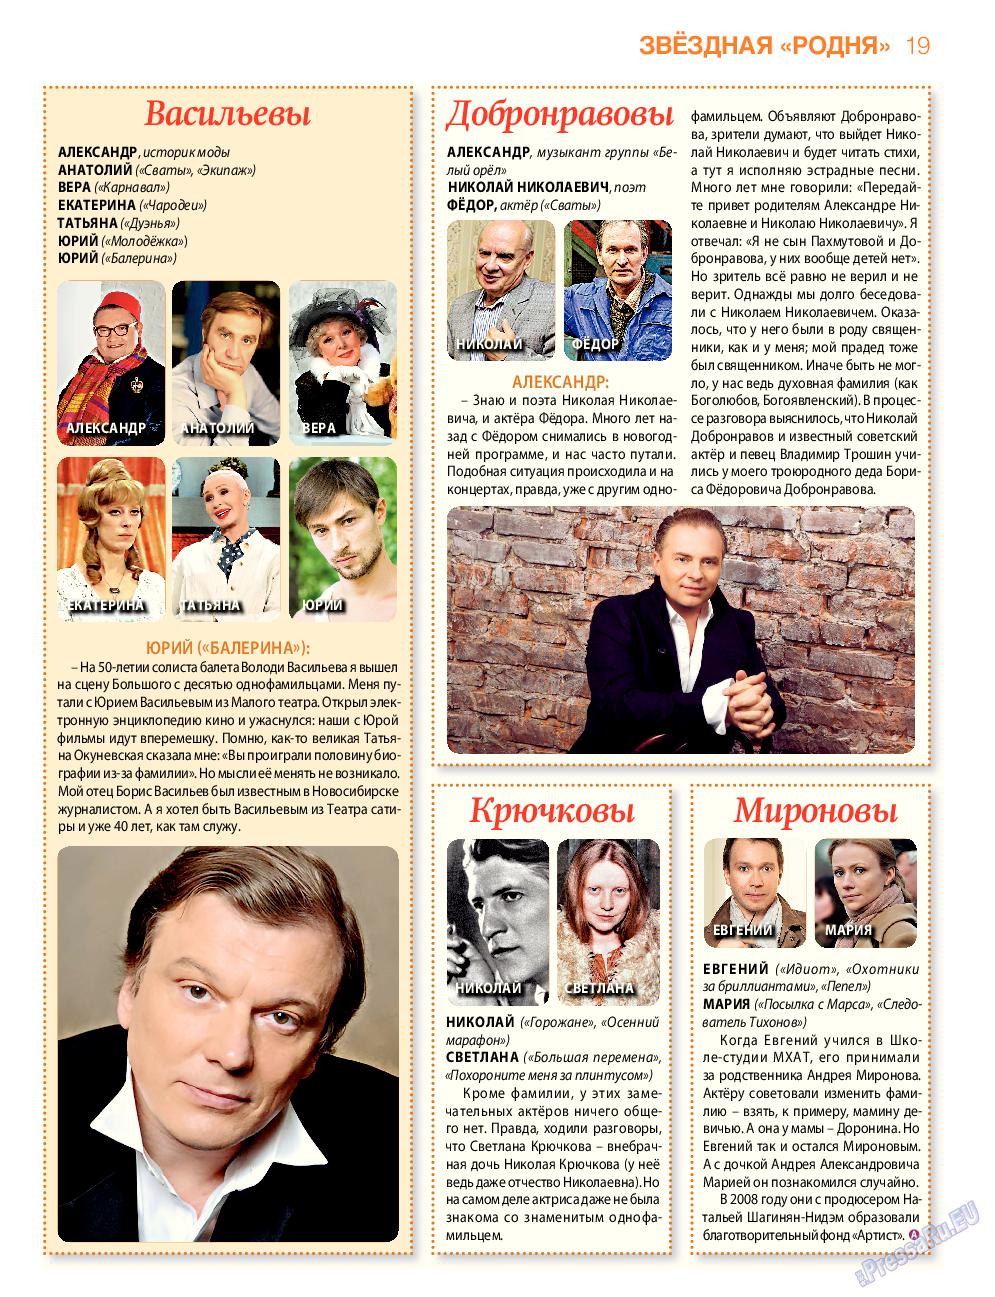 Светлана Крючкова биография актрисы, фото, ее мужья и дети 37